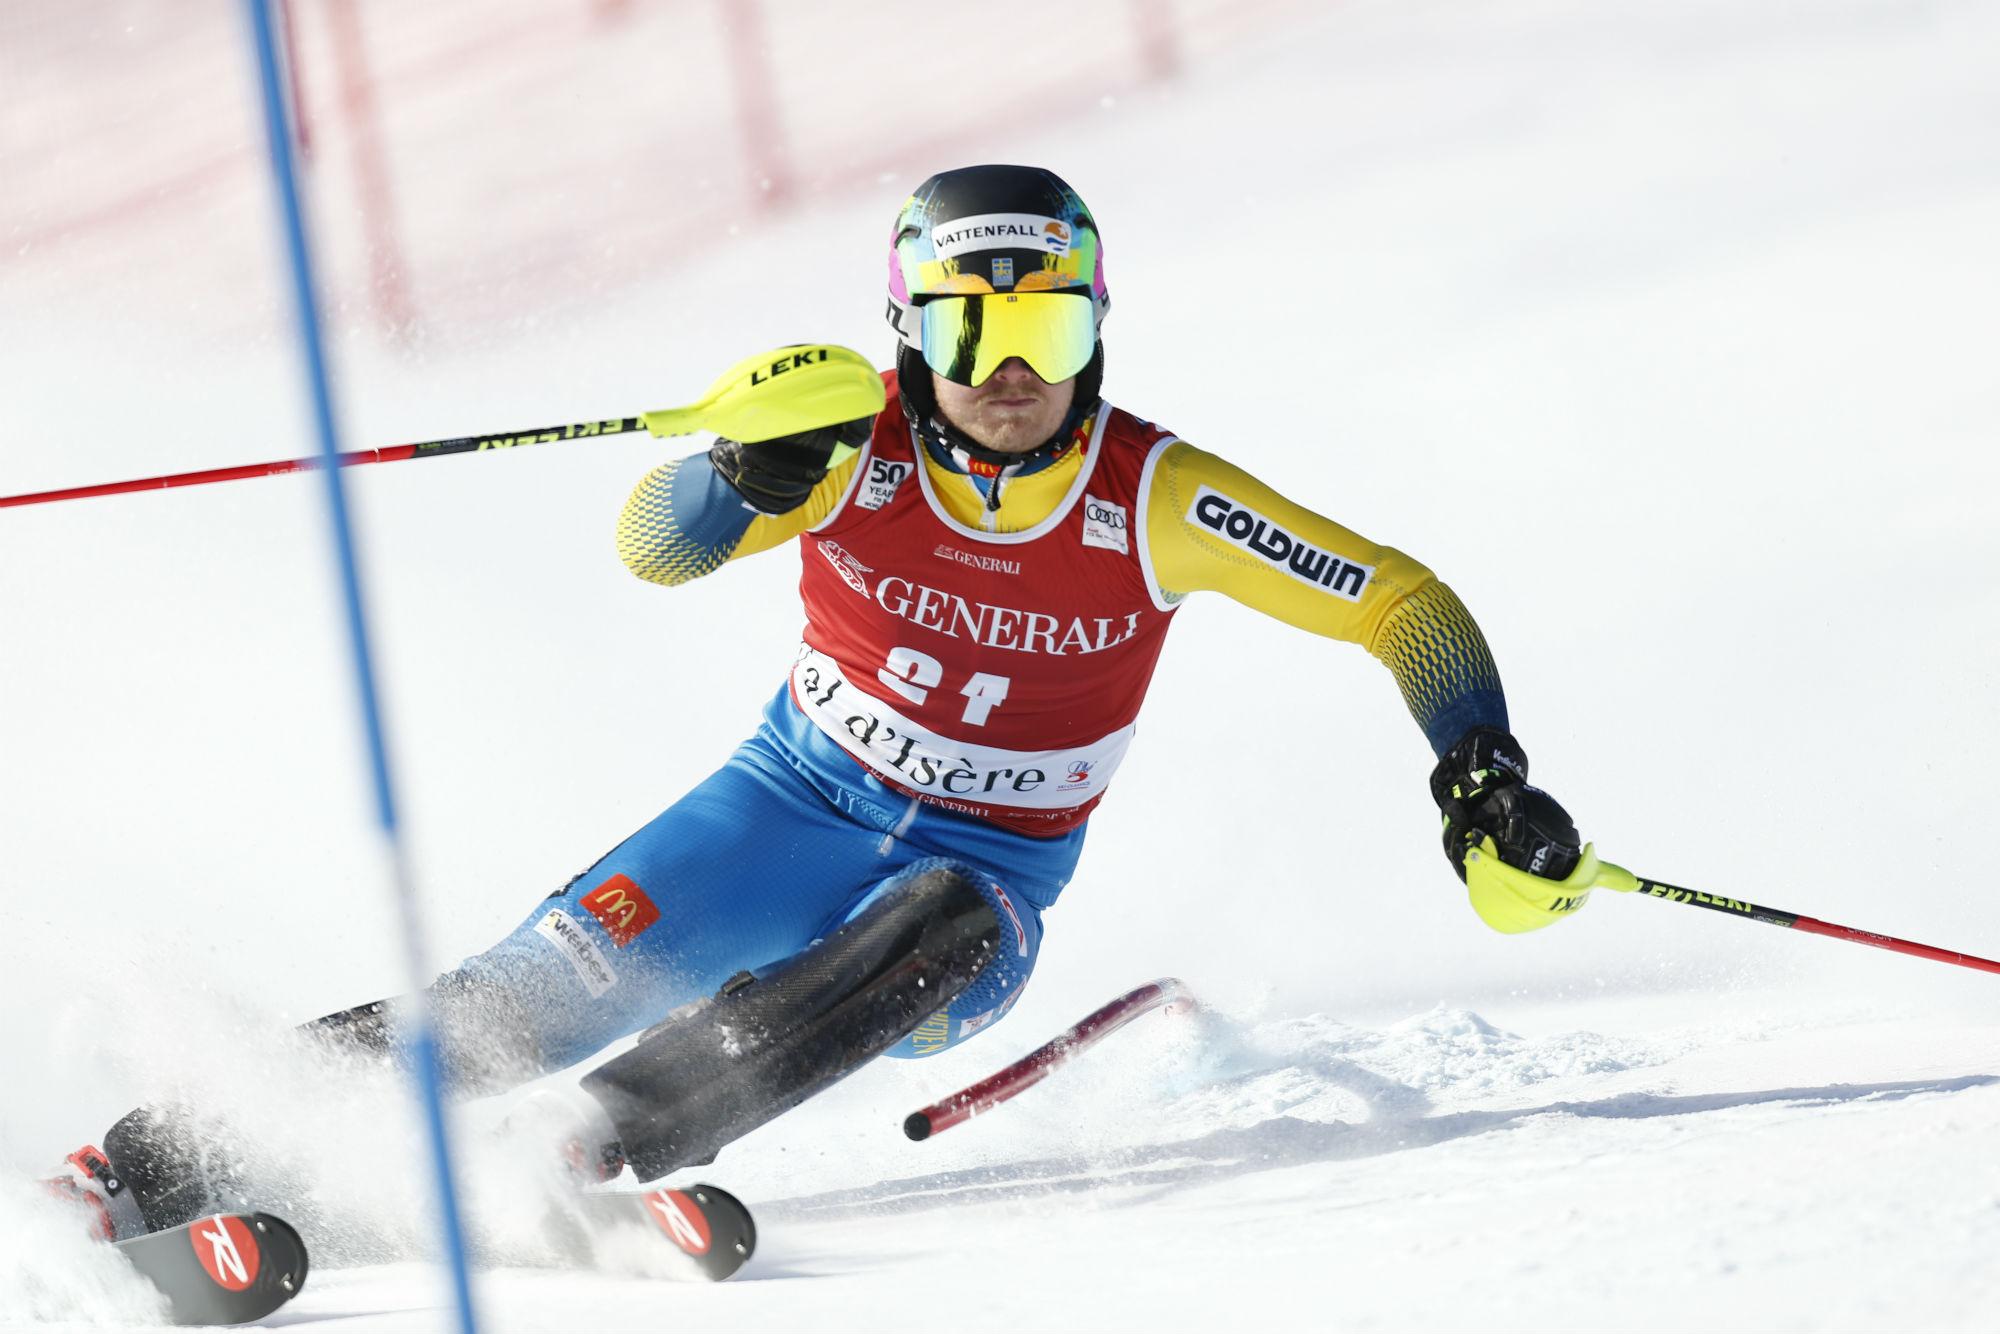 Il campione svedese in azione (@Zoom agence)